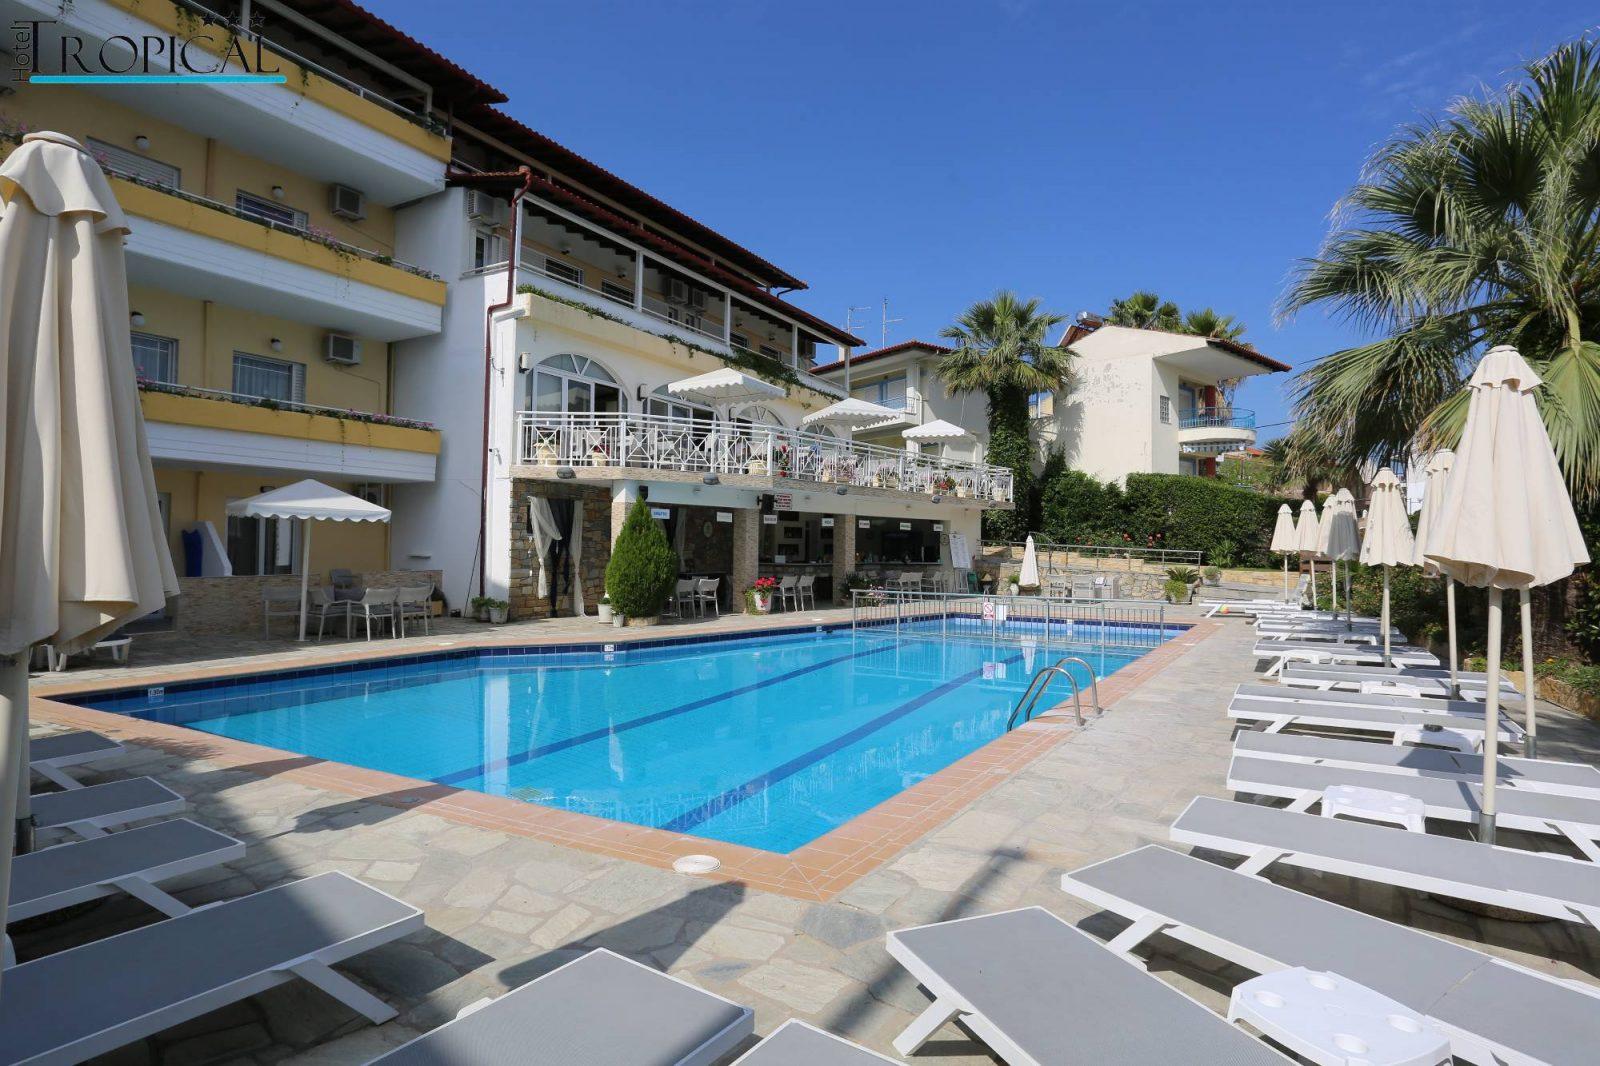 Grcka hoteli letovanje, Halkidiki, Hanioti,Tropical,bazen